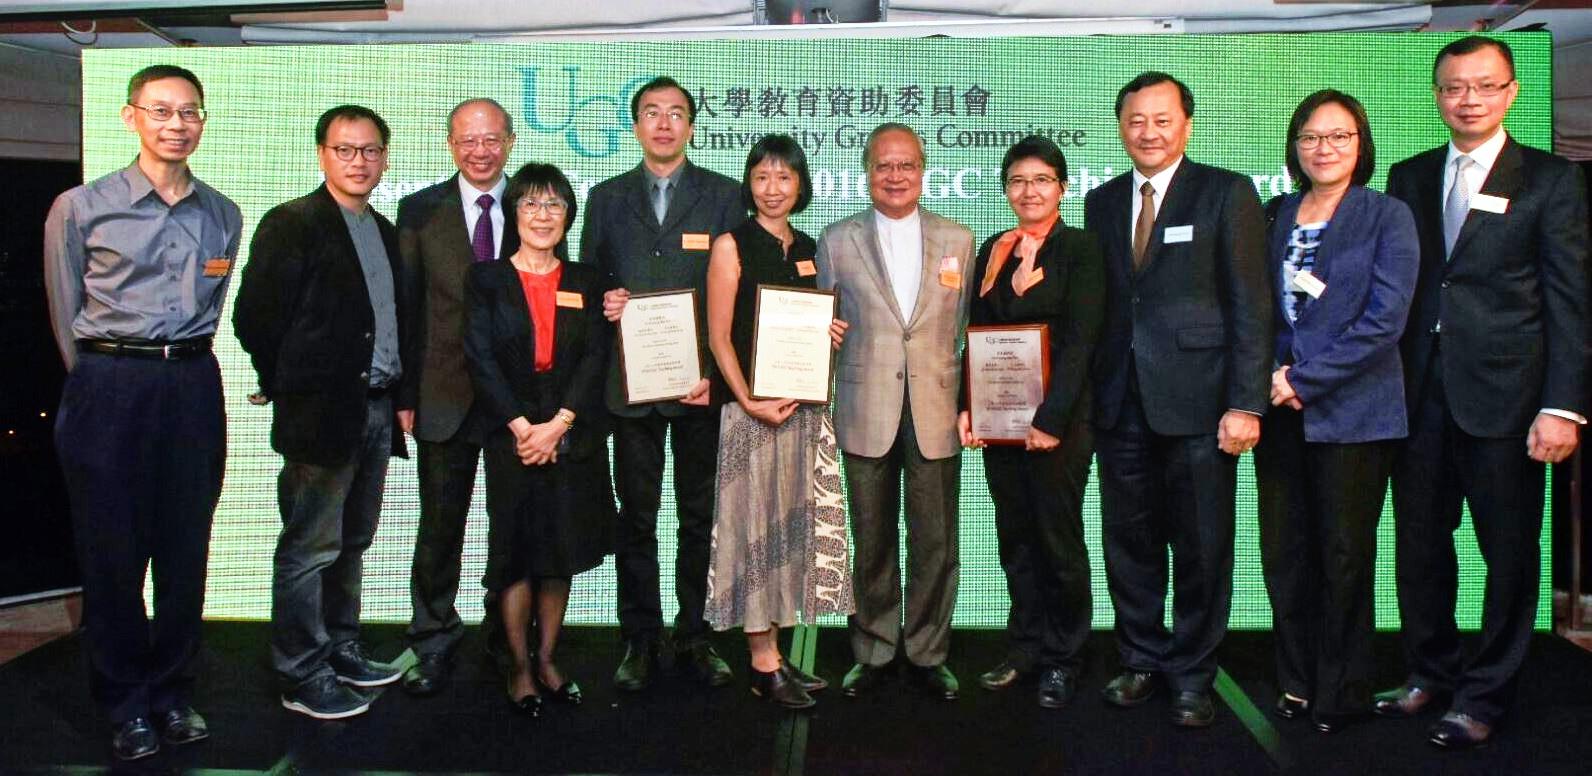 中大校董會主席梁乃鵬博士與大學同人恭賀通識教育課程團隊。